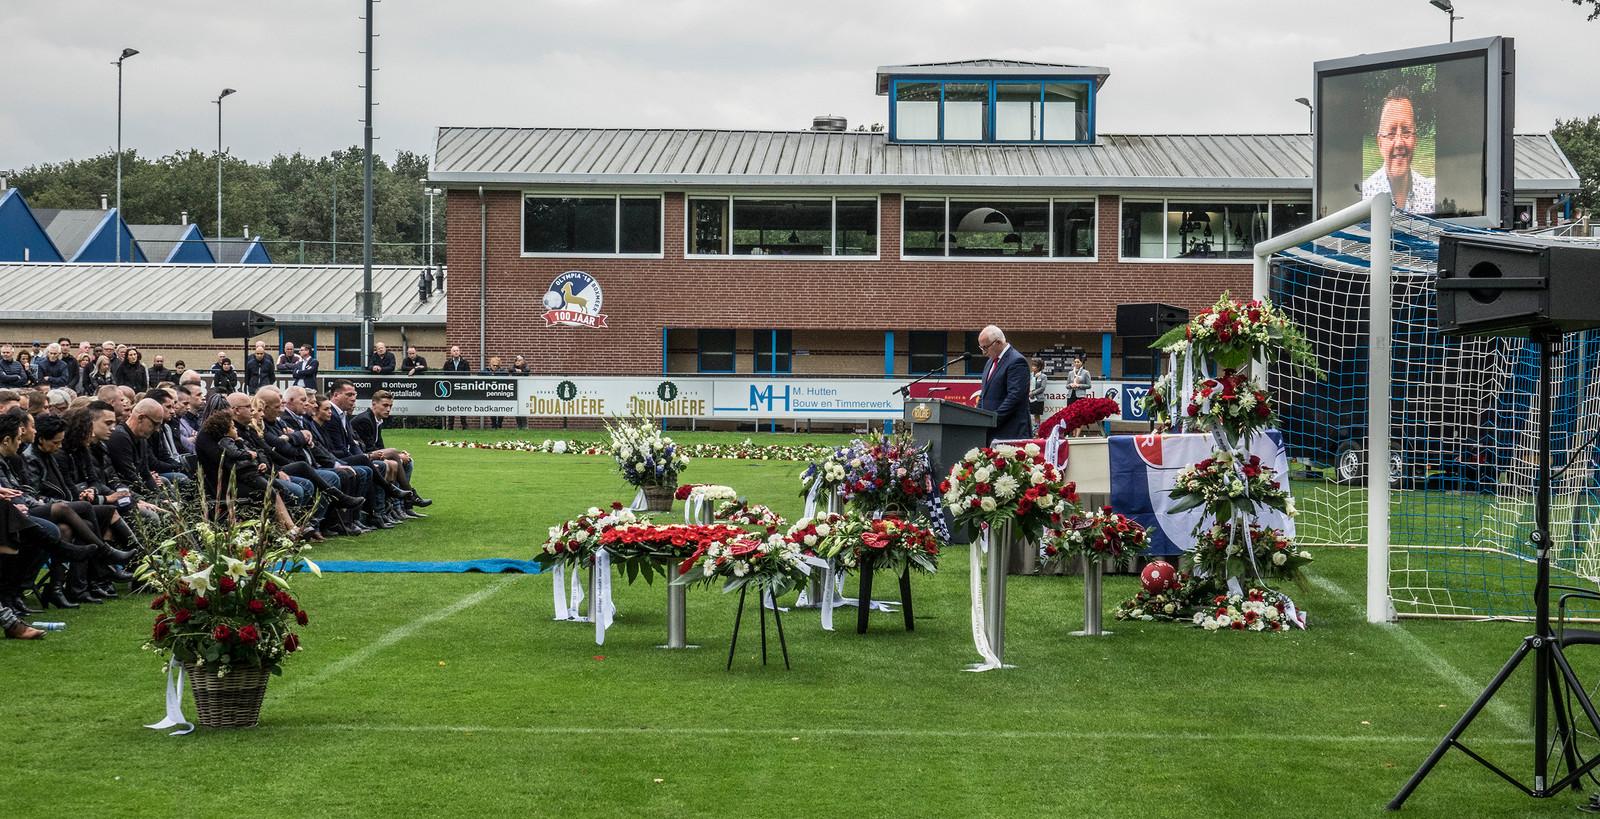 Begrafenis op het veld van Olympia'18 van Sjaphanto Guntlisbergen.